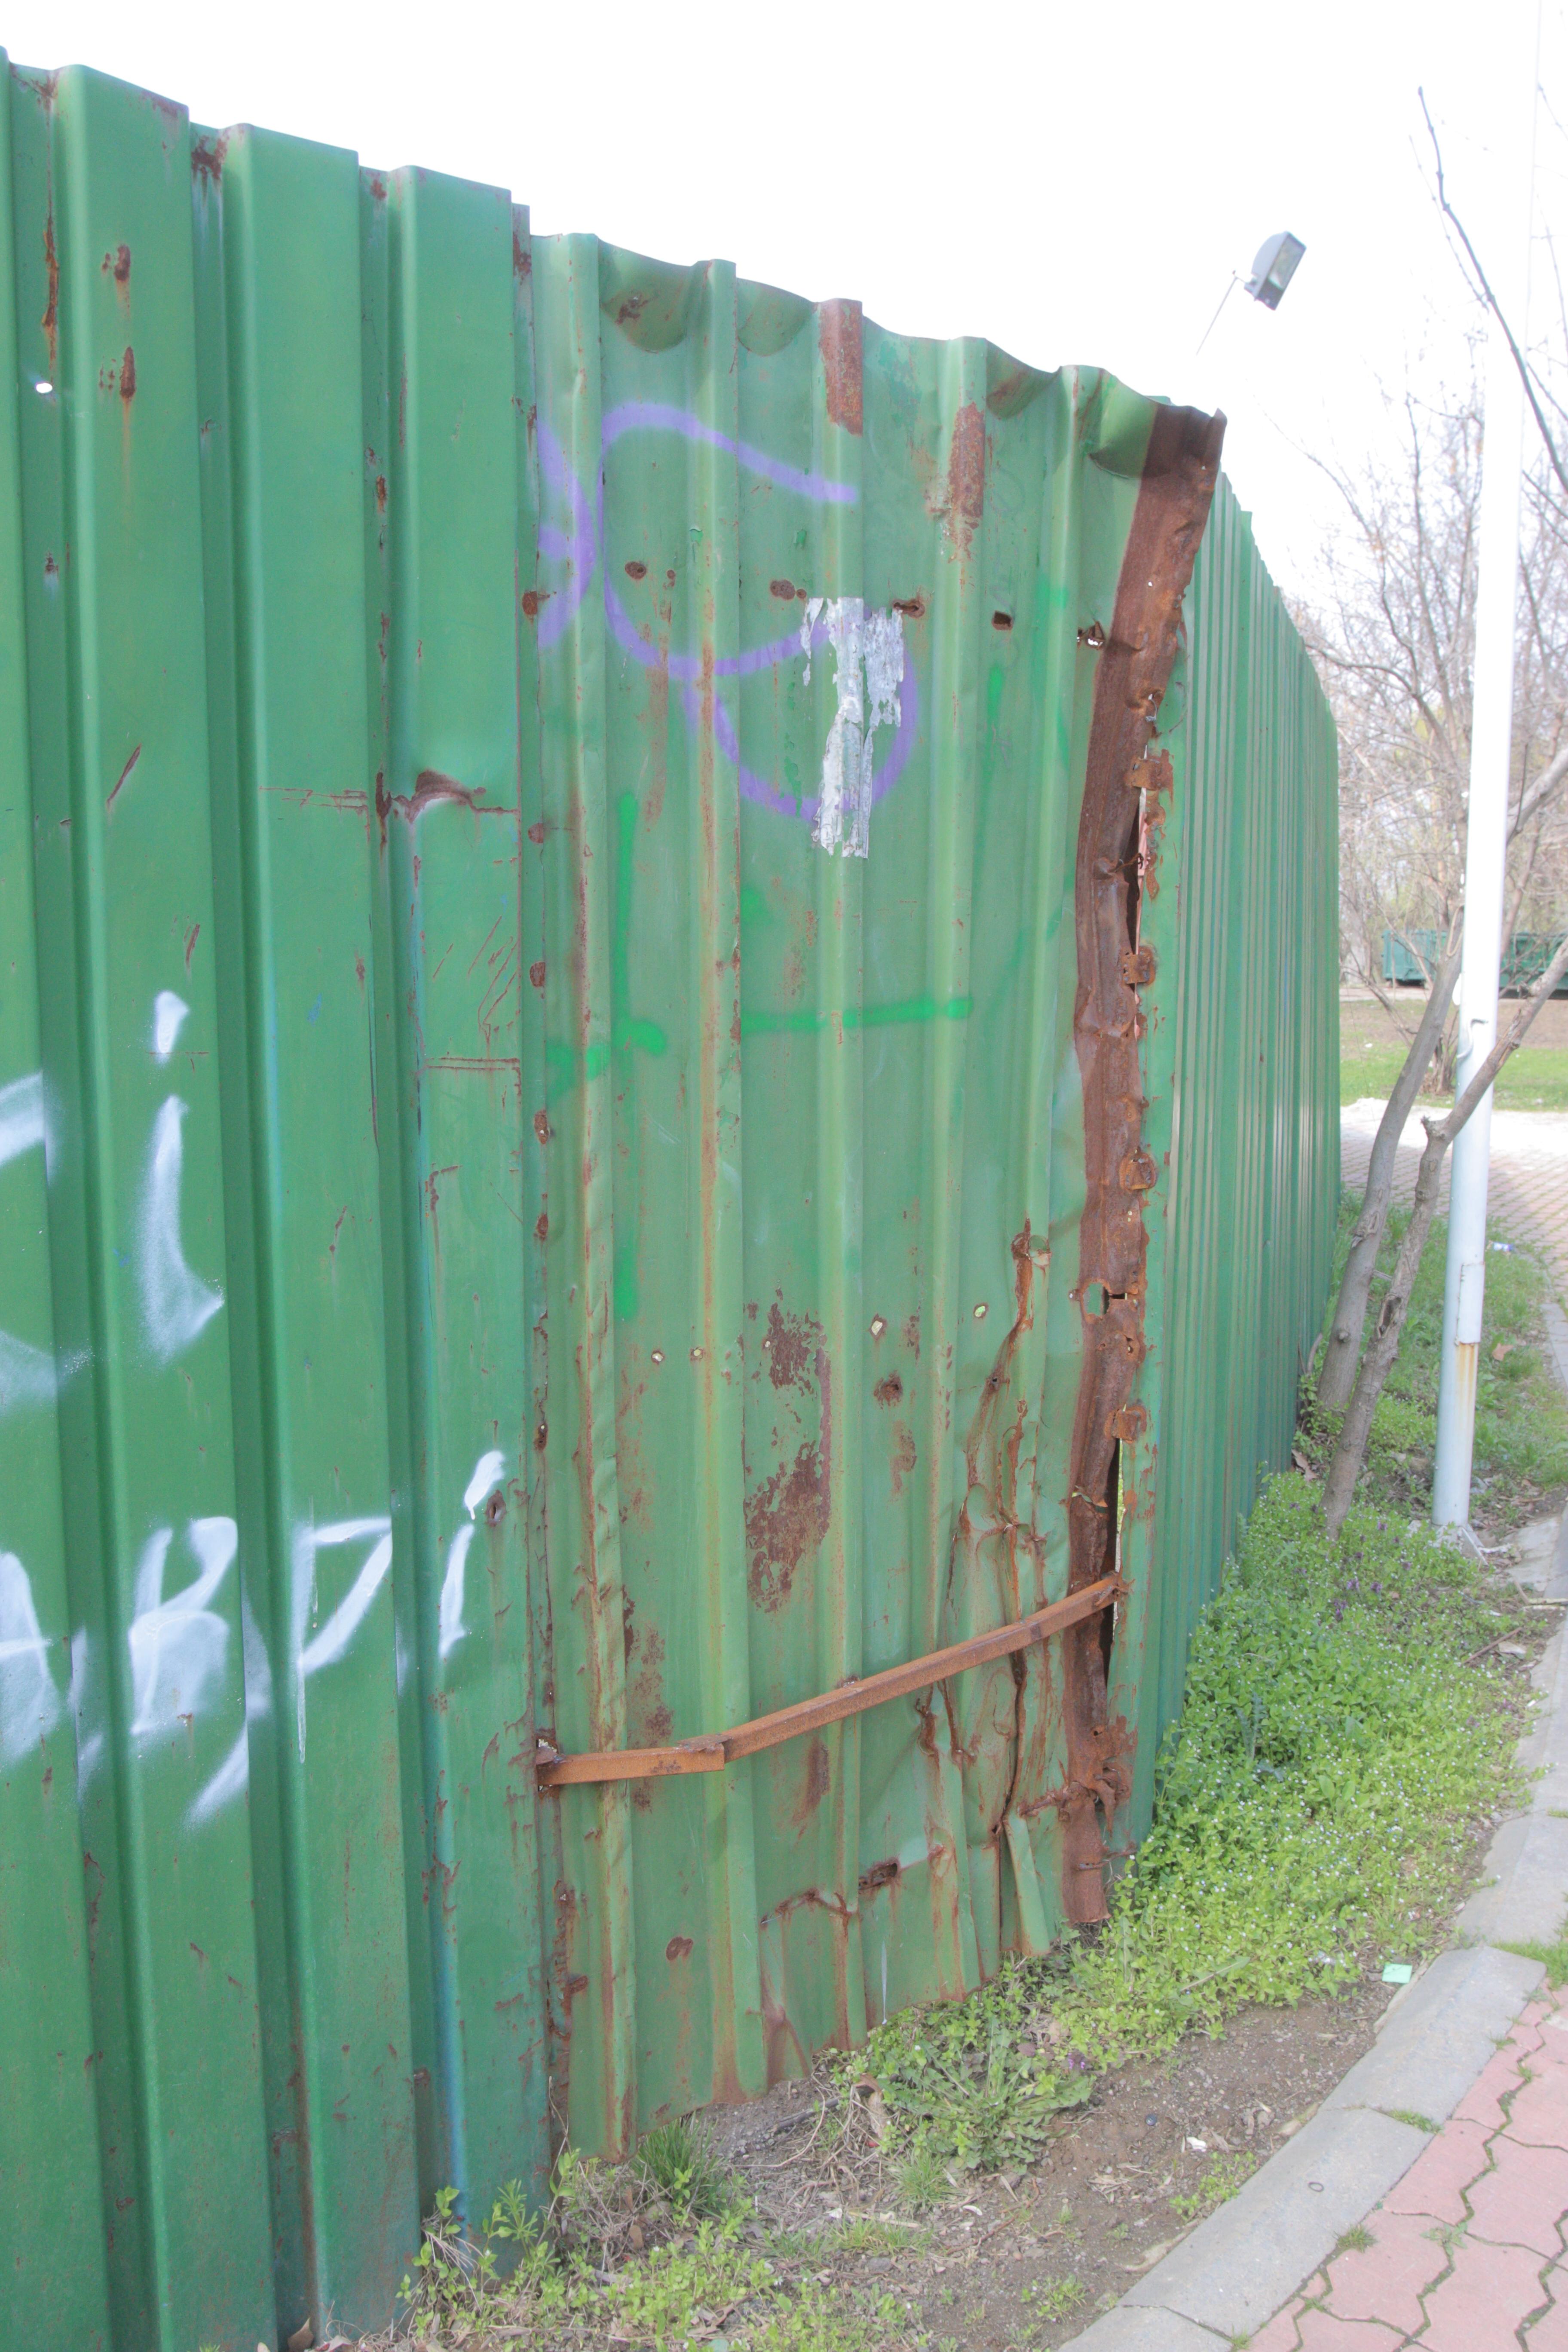 Gardul a fost refacut integral dupa tragedia din toamna anului 2013